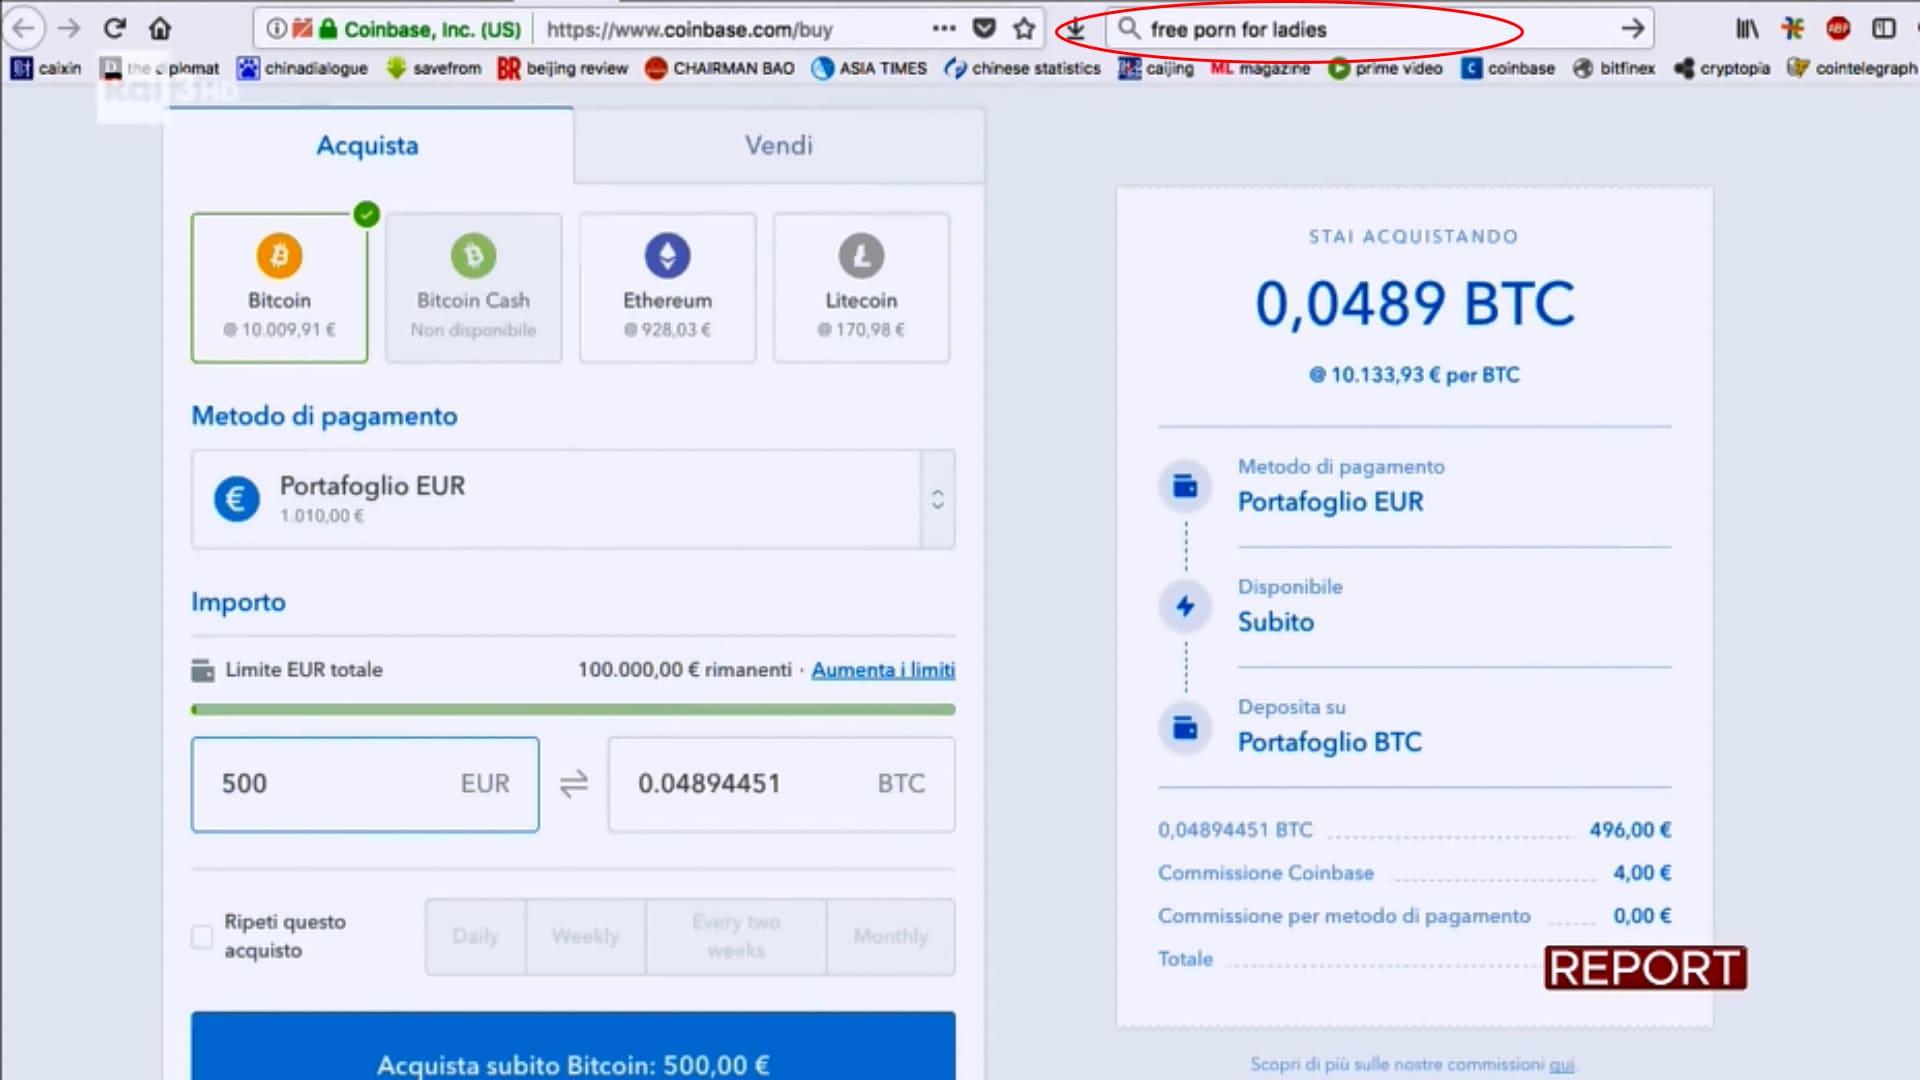 giuliano marrucci report criptovalute bitcoin - 4